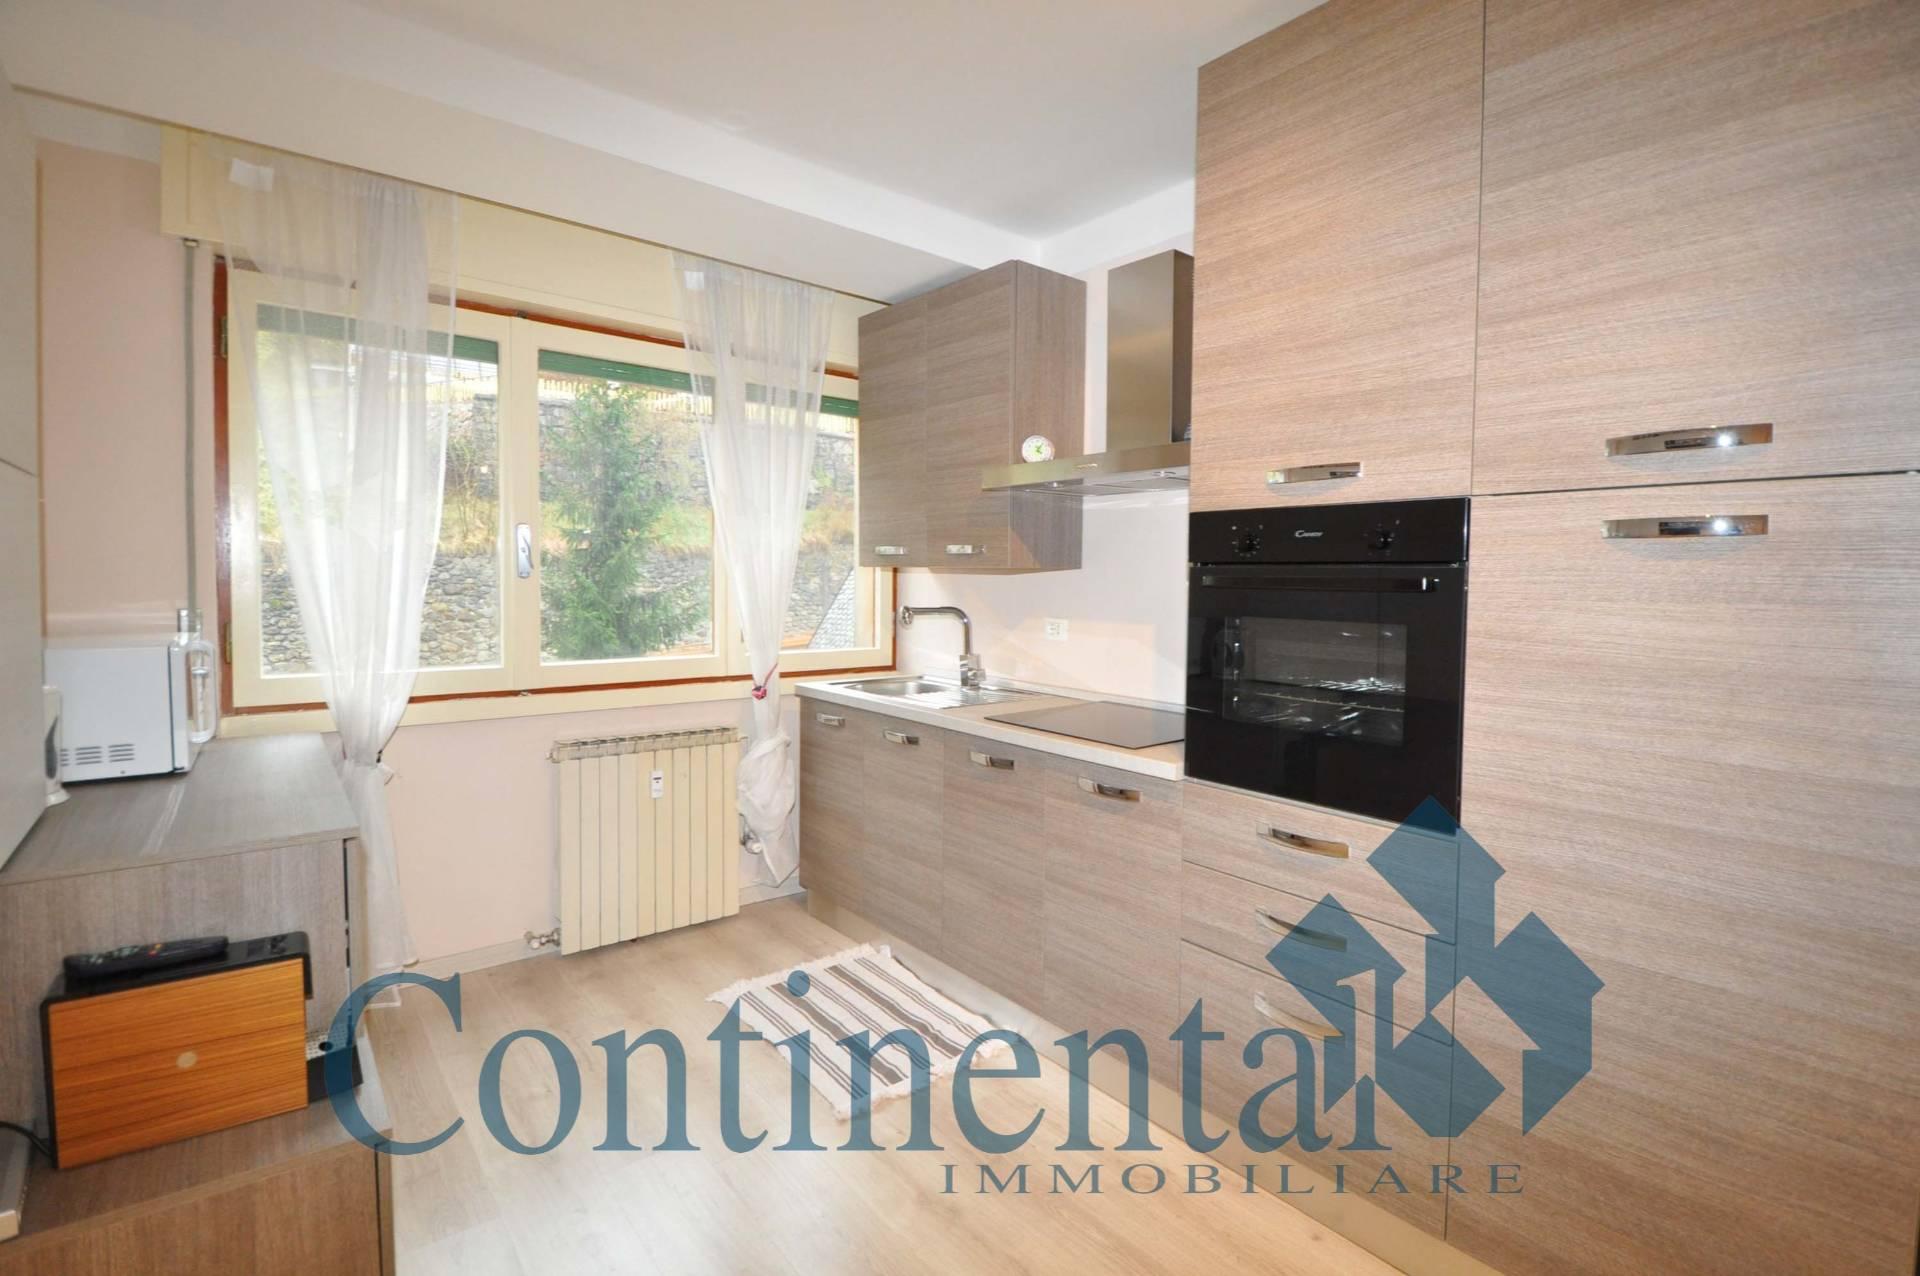 Appartamento in vendita a Foppolo, 2 locali, prezzo € 49.500 | PortaleAgenzieImmobiliari.it